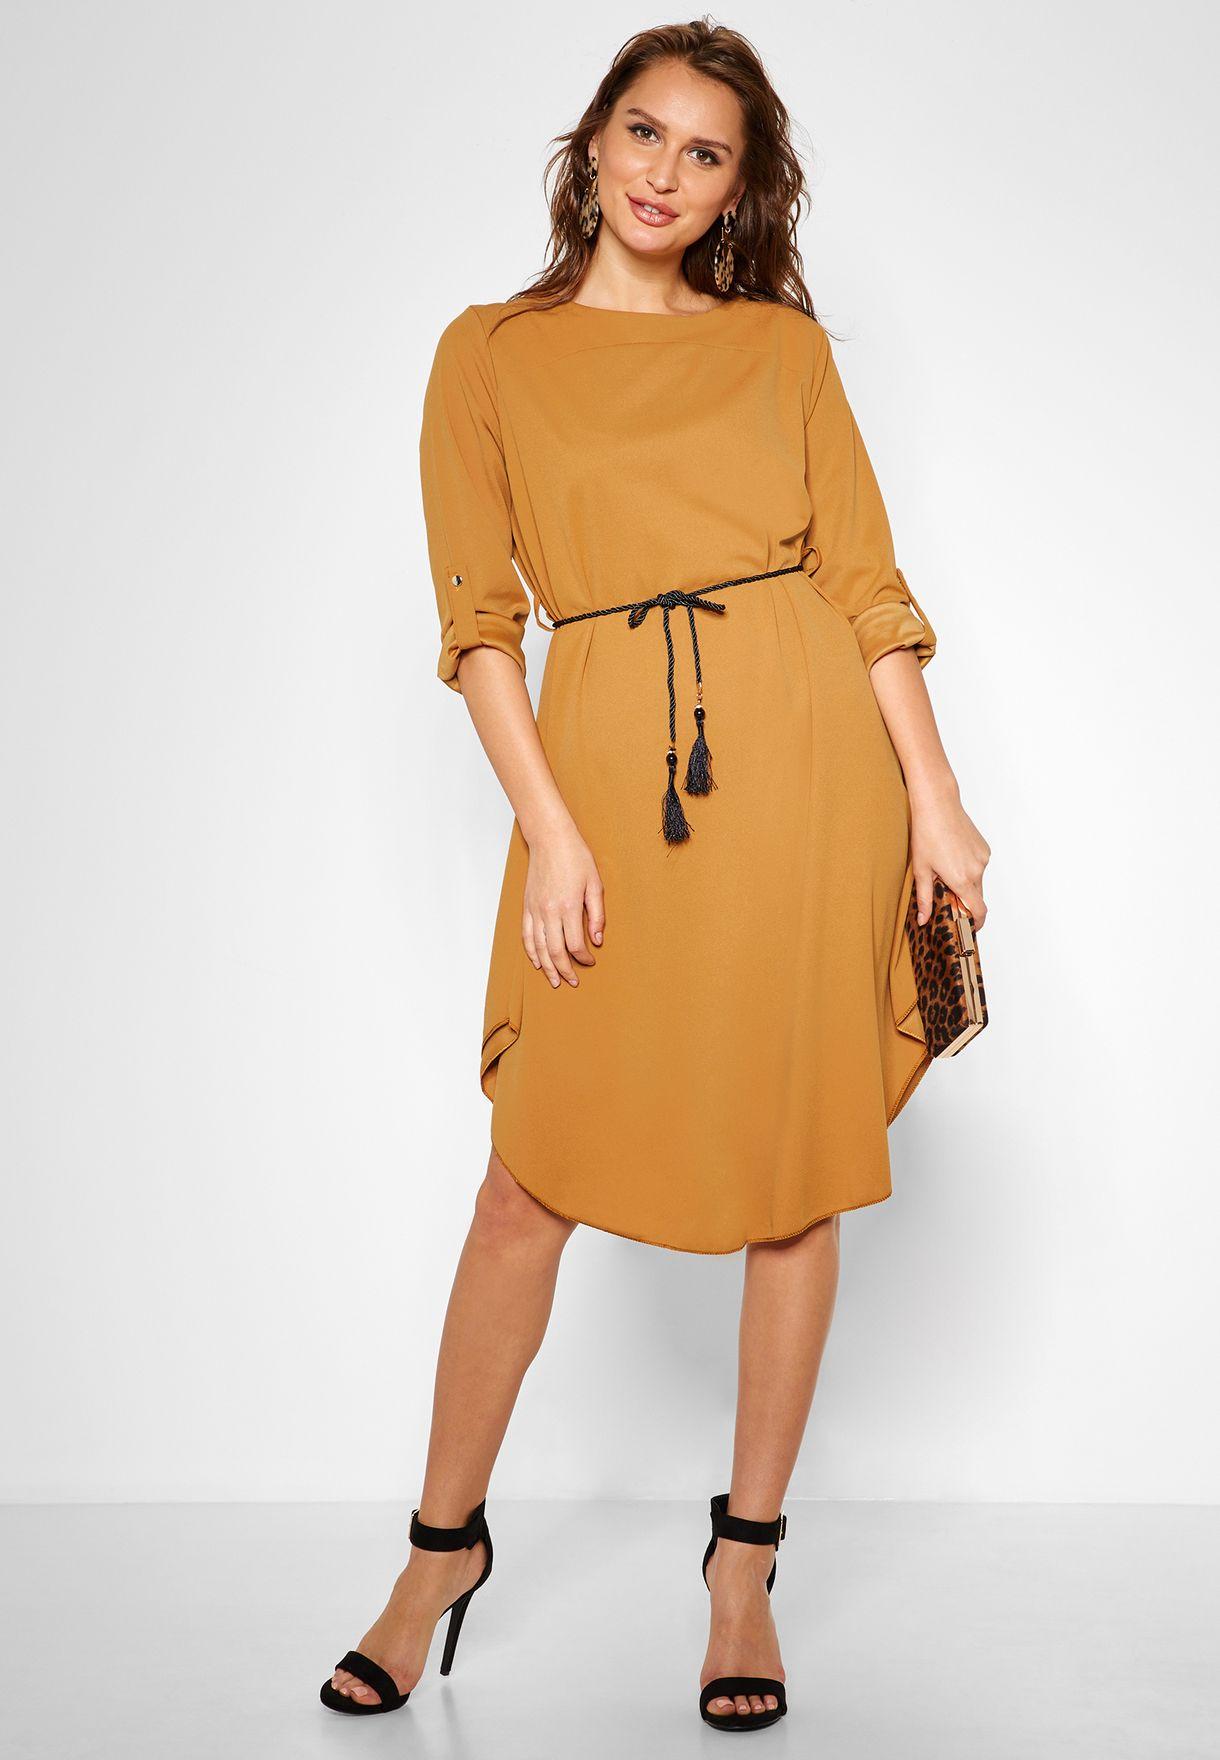 Tassel Belted Midi Dress